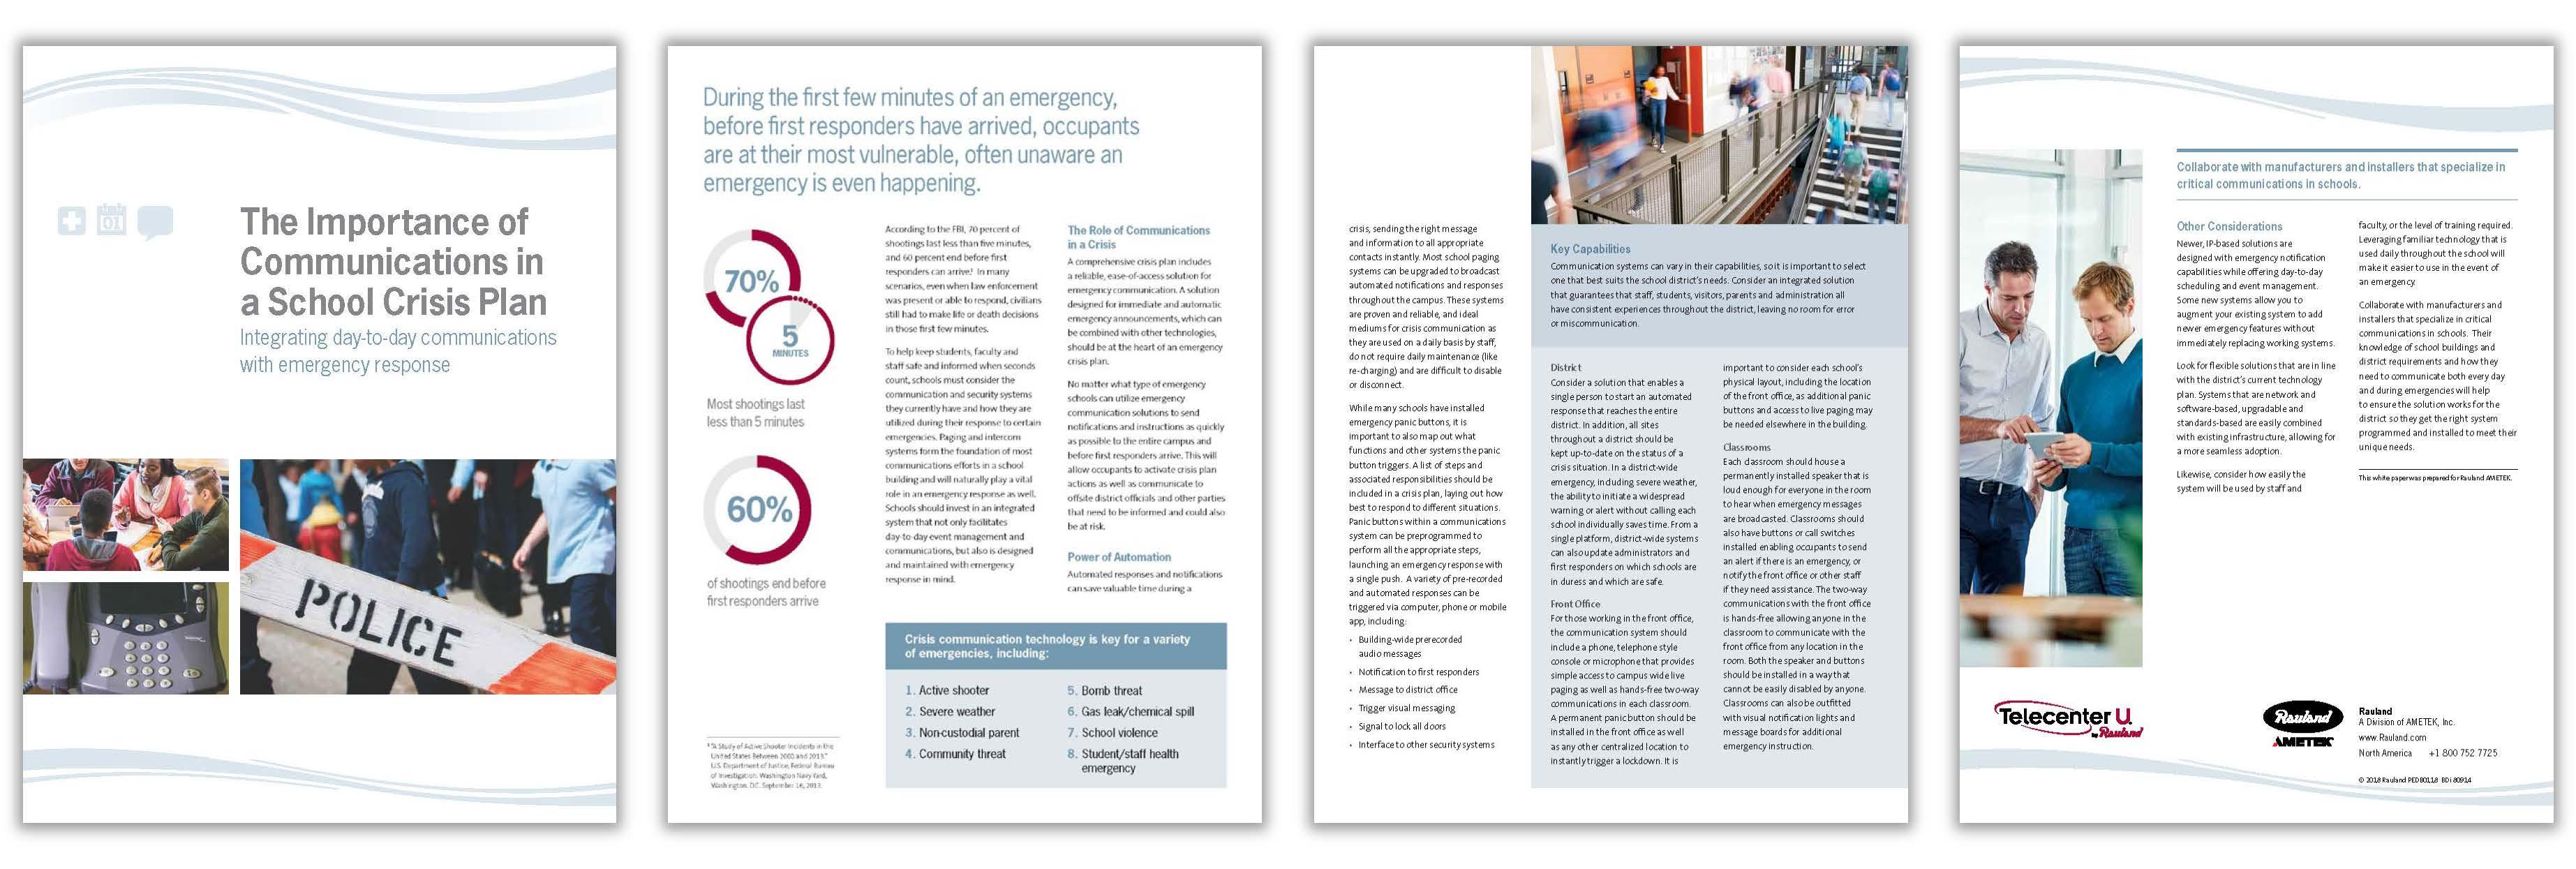 Ronco-Partner-Rauland-Crisis-Planning-WP-K12-Safety